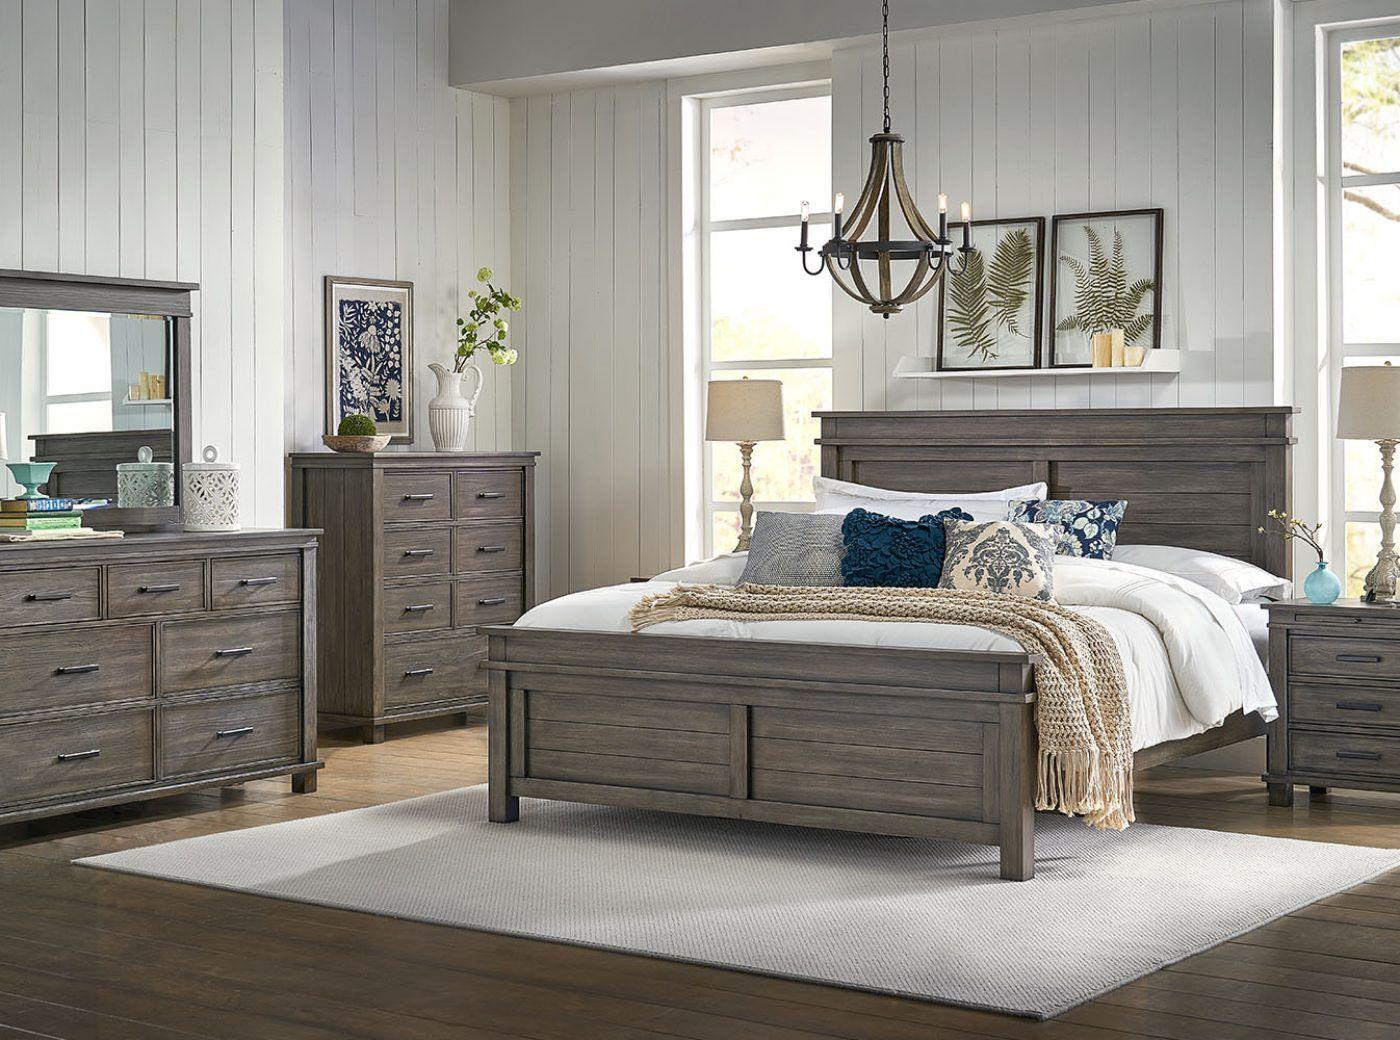 Glacier Point | Bedroom design on a budget, Luxury bedroom ... on Luxury Bedroom Ideas On A Budget  id=75194